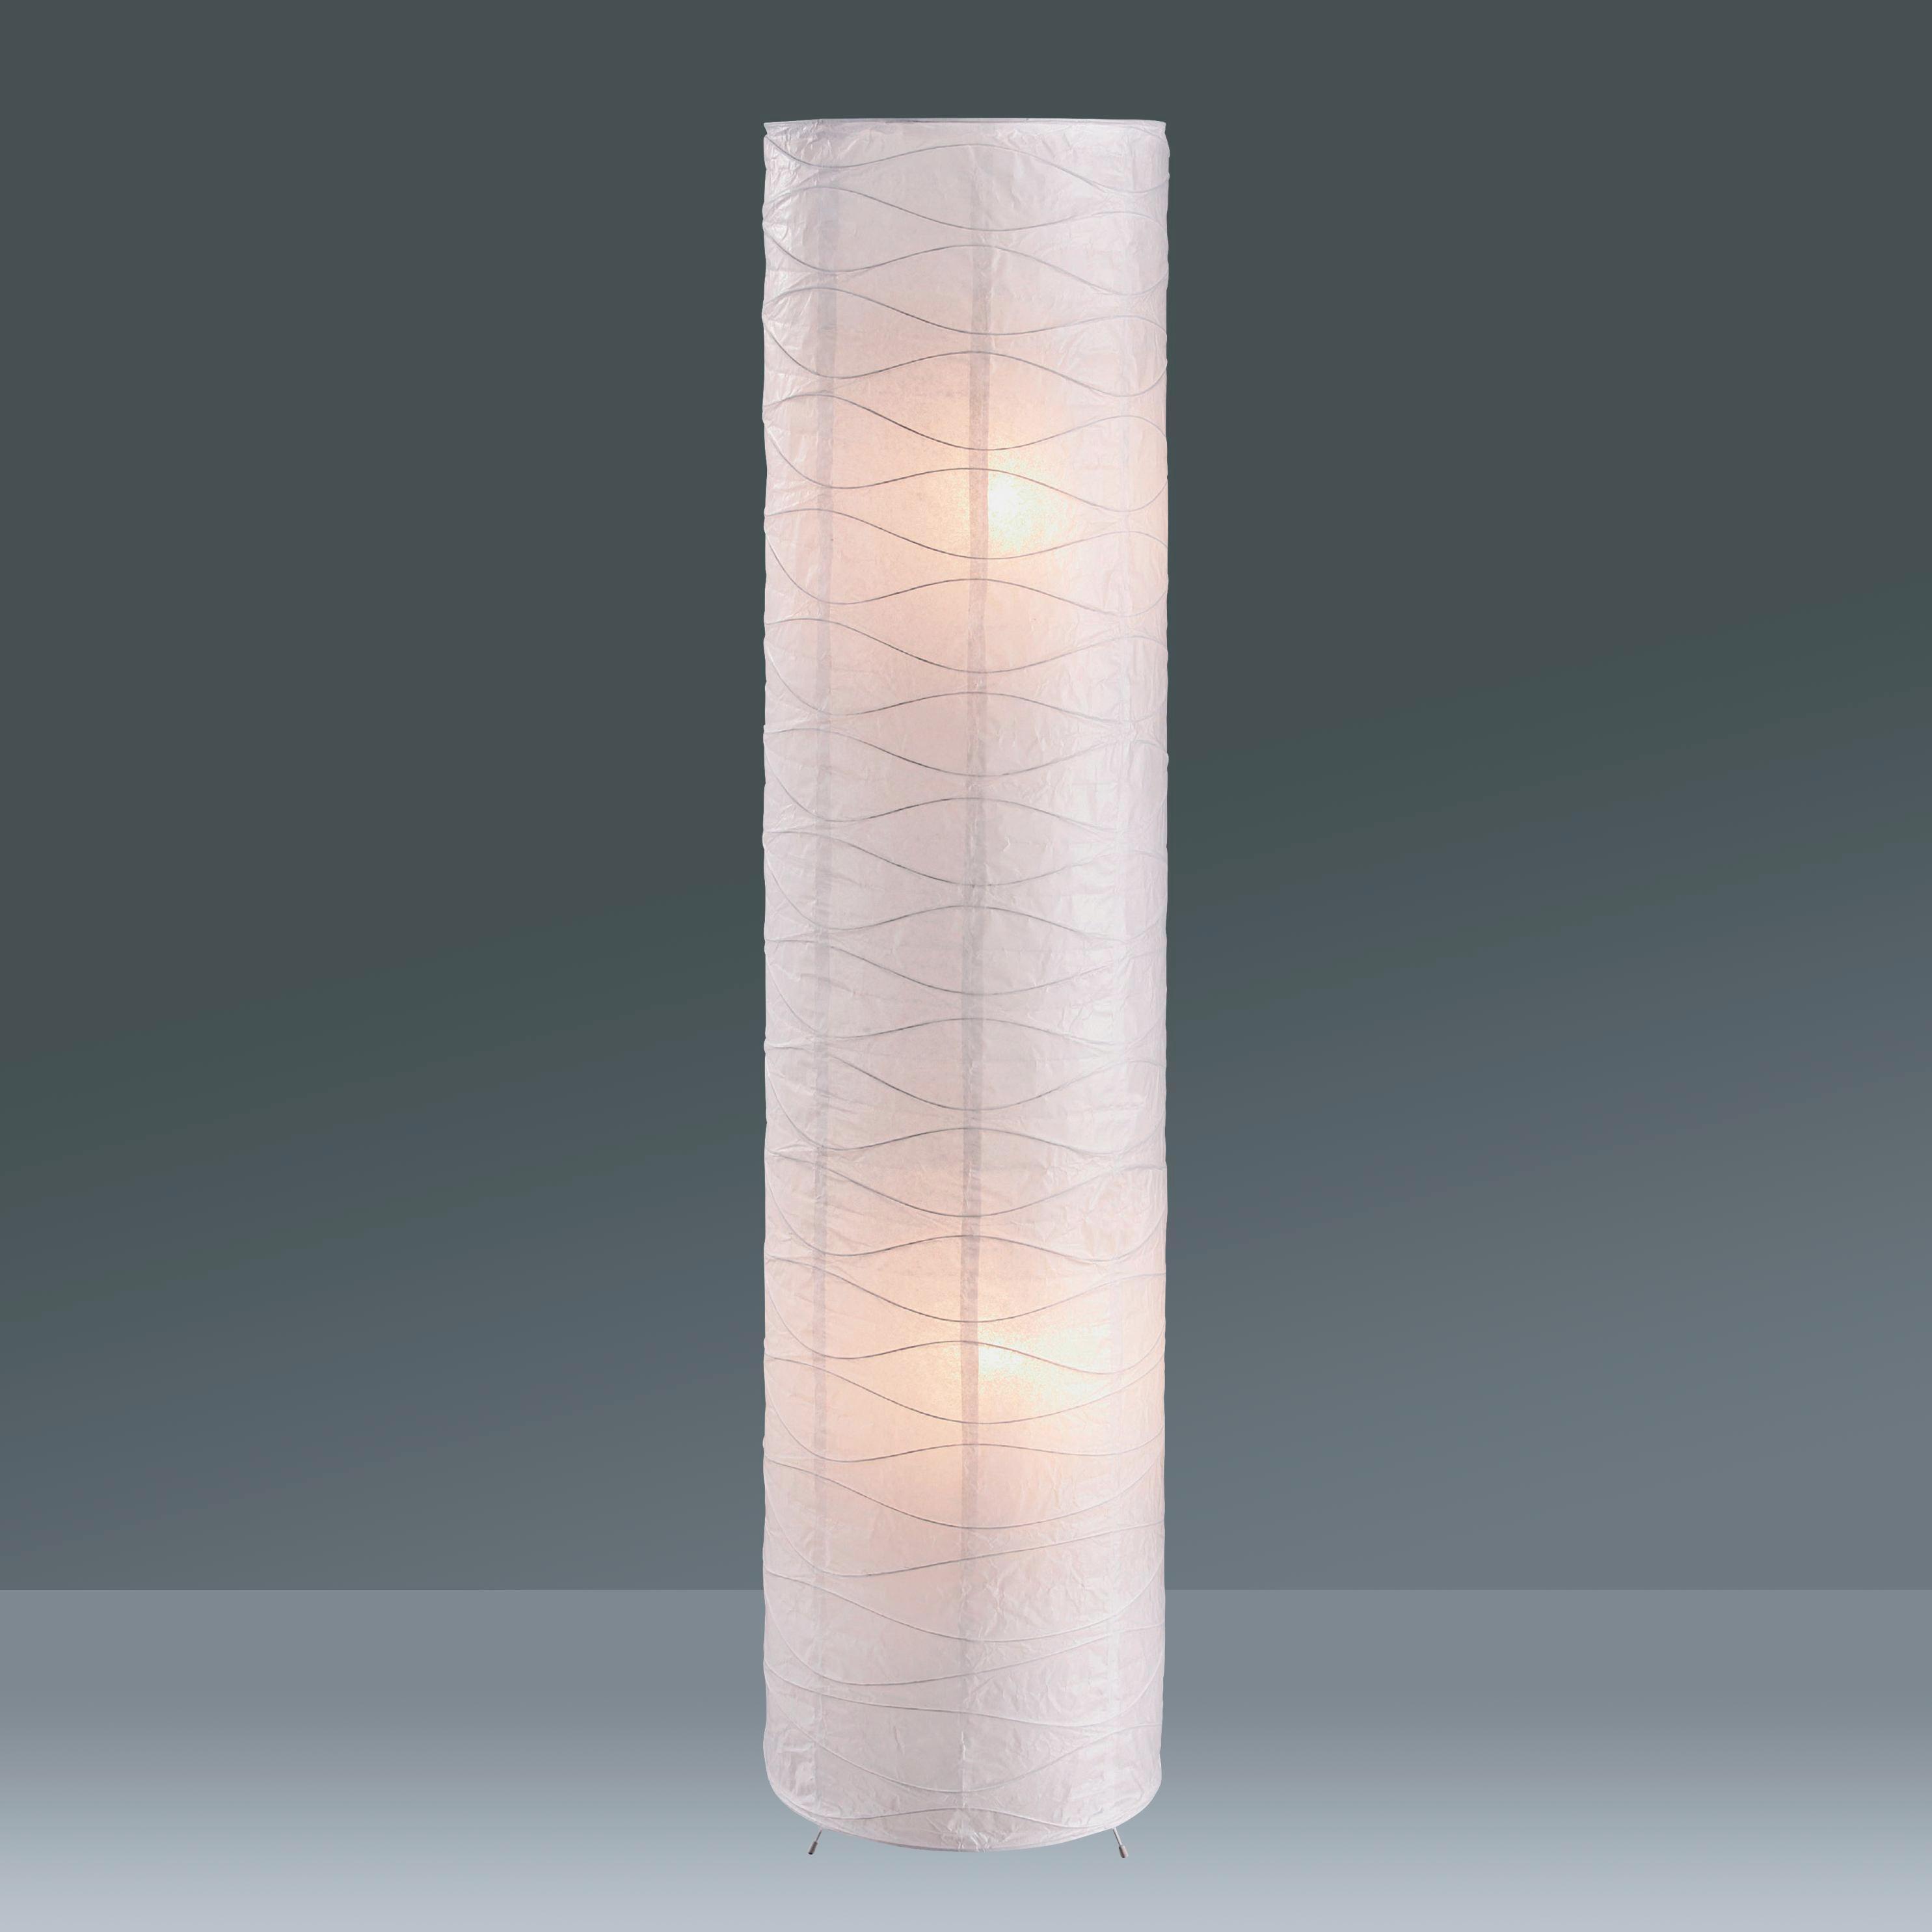 stehlampe papier led stehlampe aus weiem papier fr ihr wohnzimmer limbo with stehlampe papier. Black Bedroom Furniture Sets. Home Design Ideas